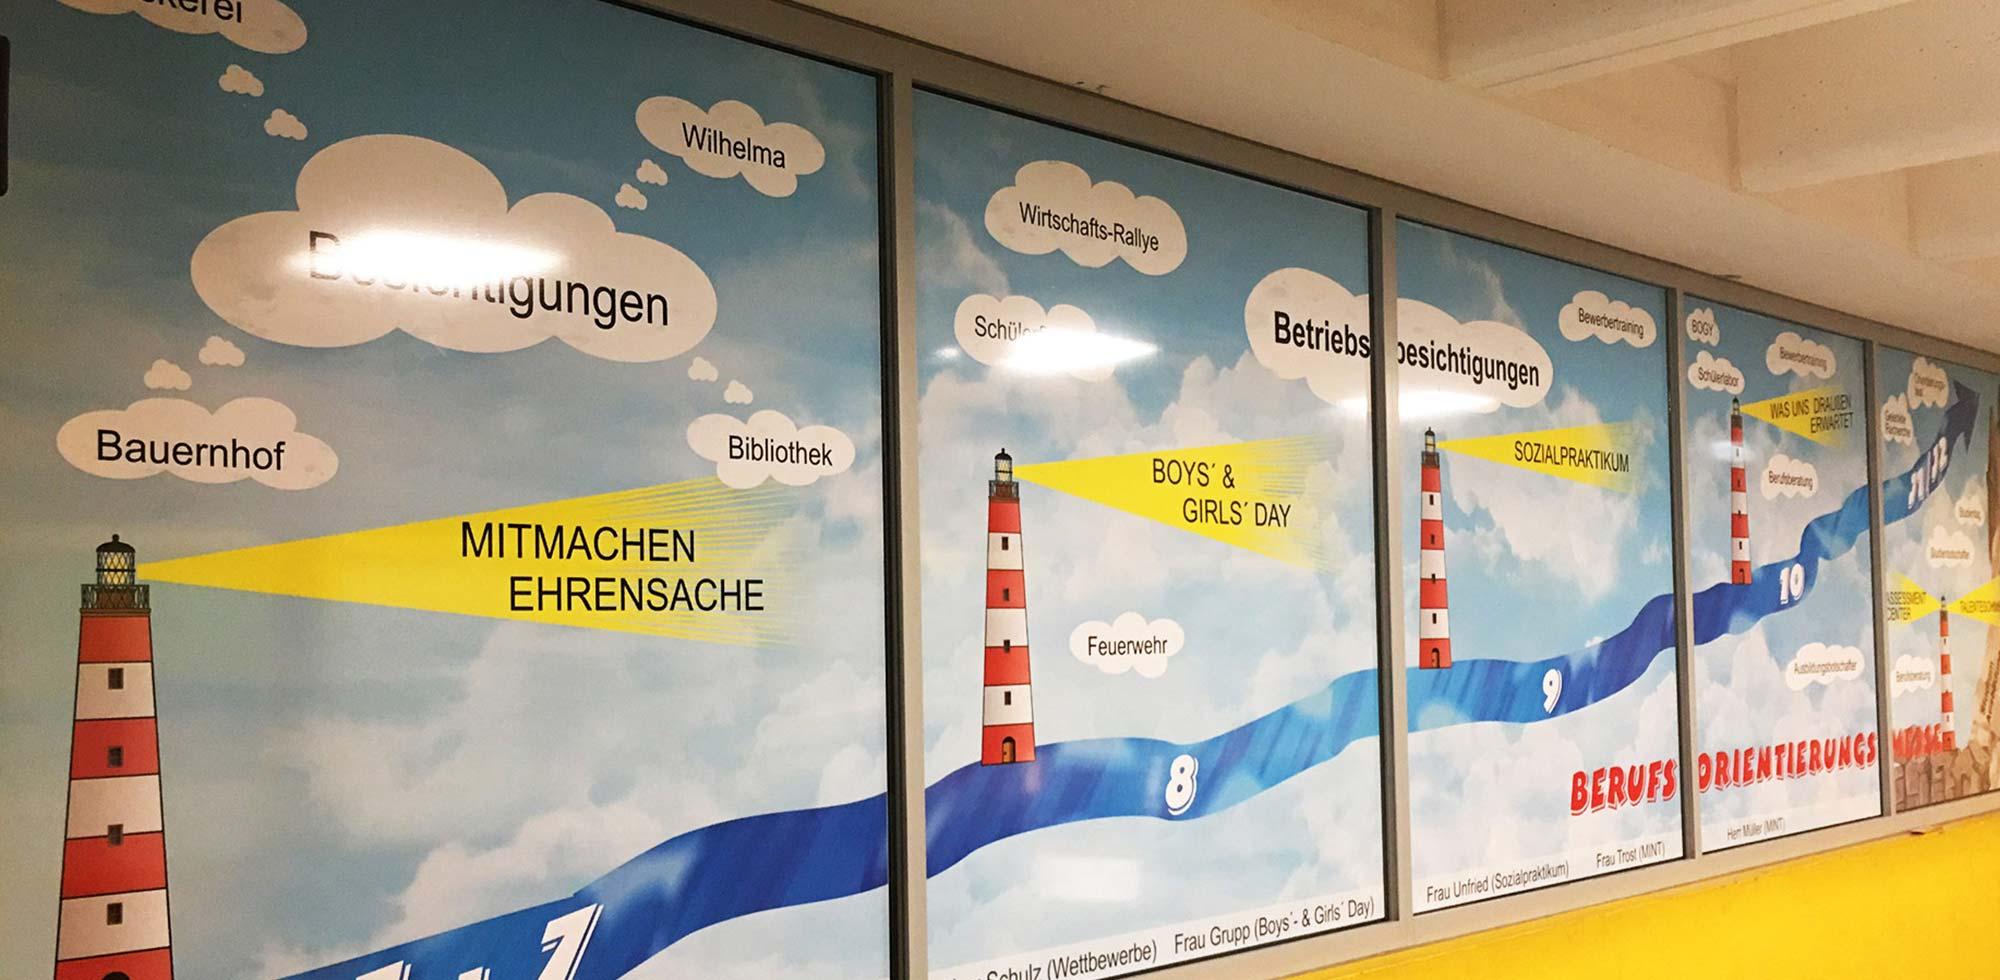 Schaufensterbeschriftung GIRAFFIKKA 73642 Welzheim Rudersberger Str. 14